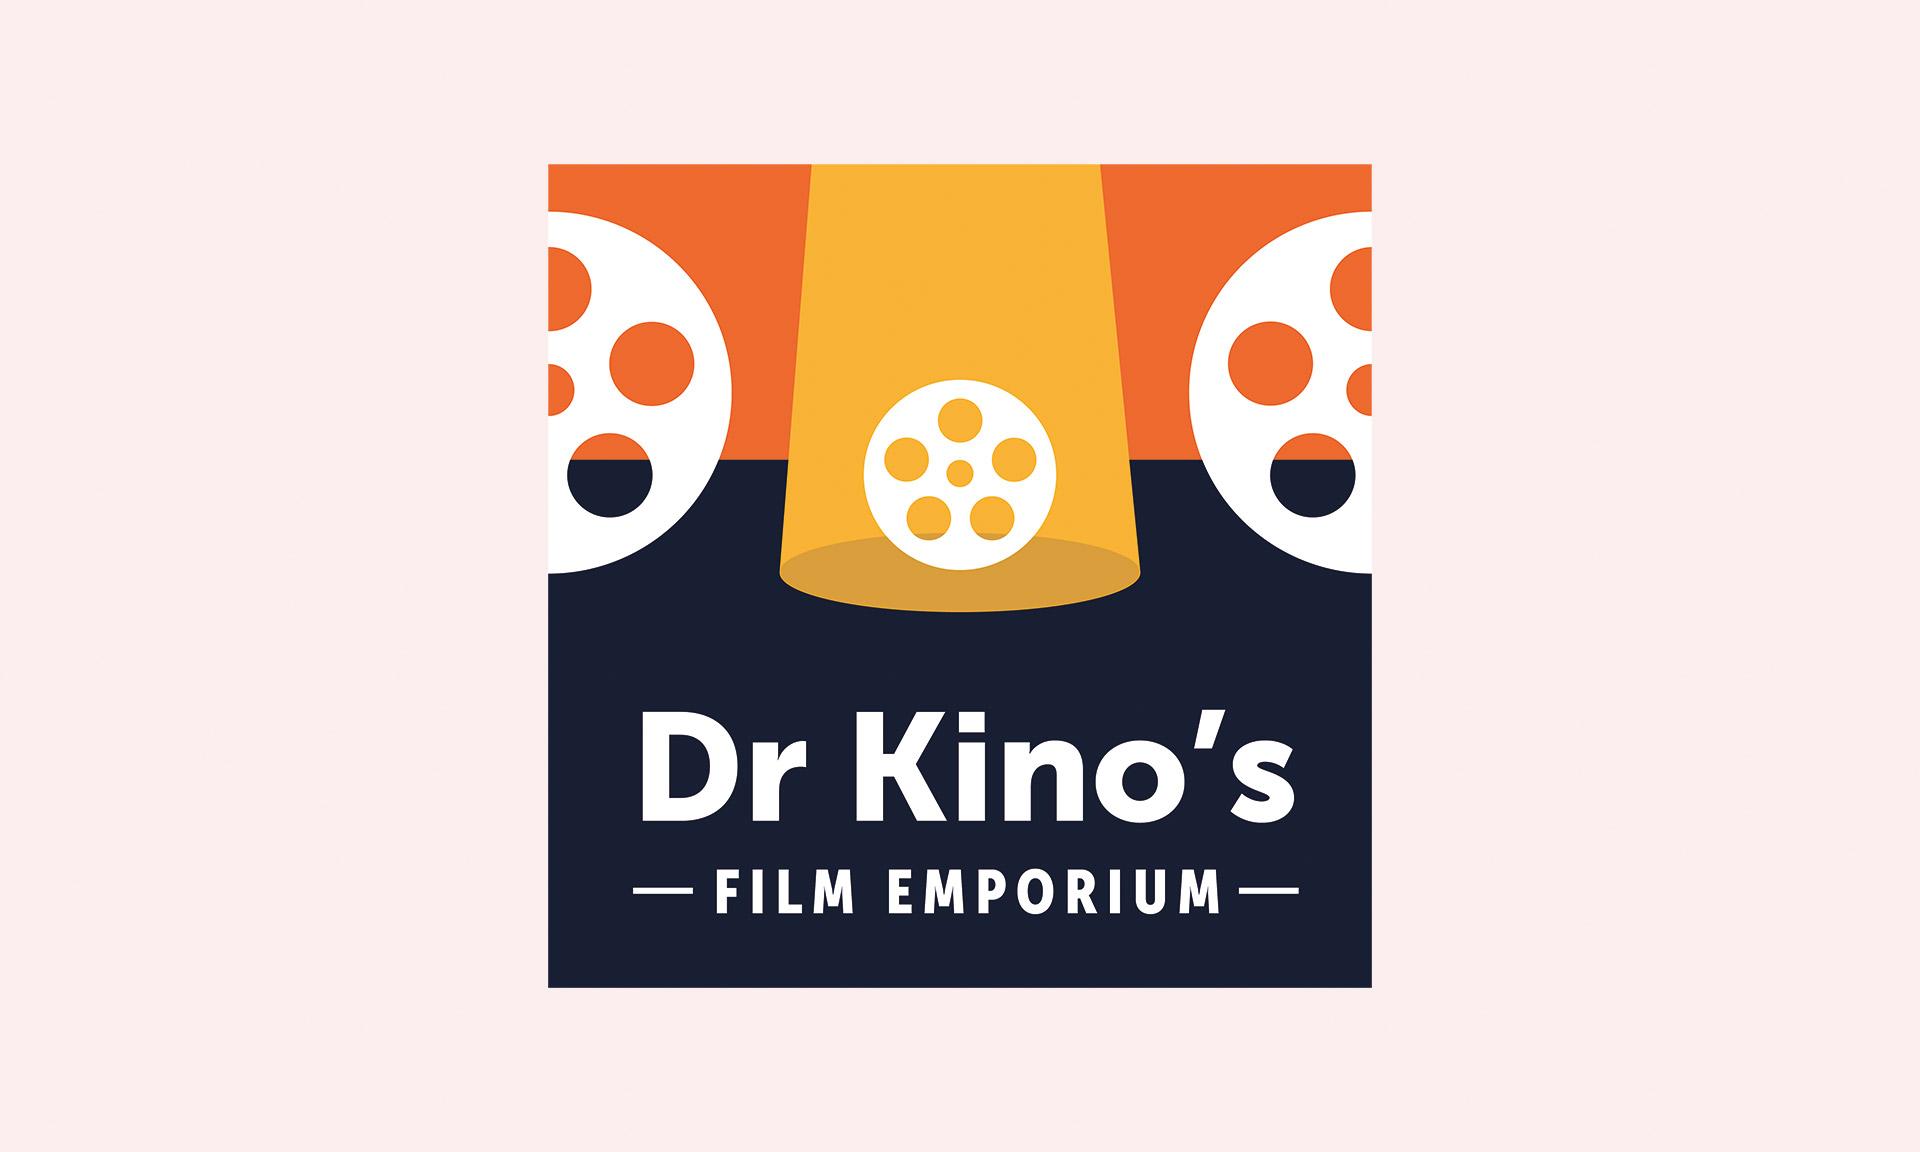 Dr Kino's Film Emporium logo